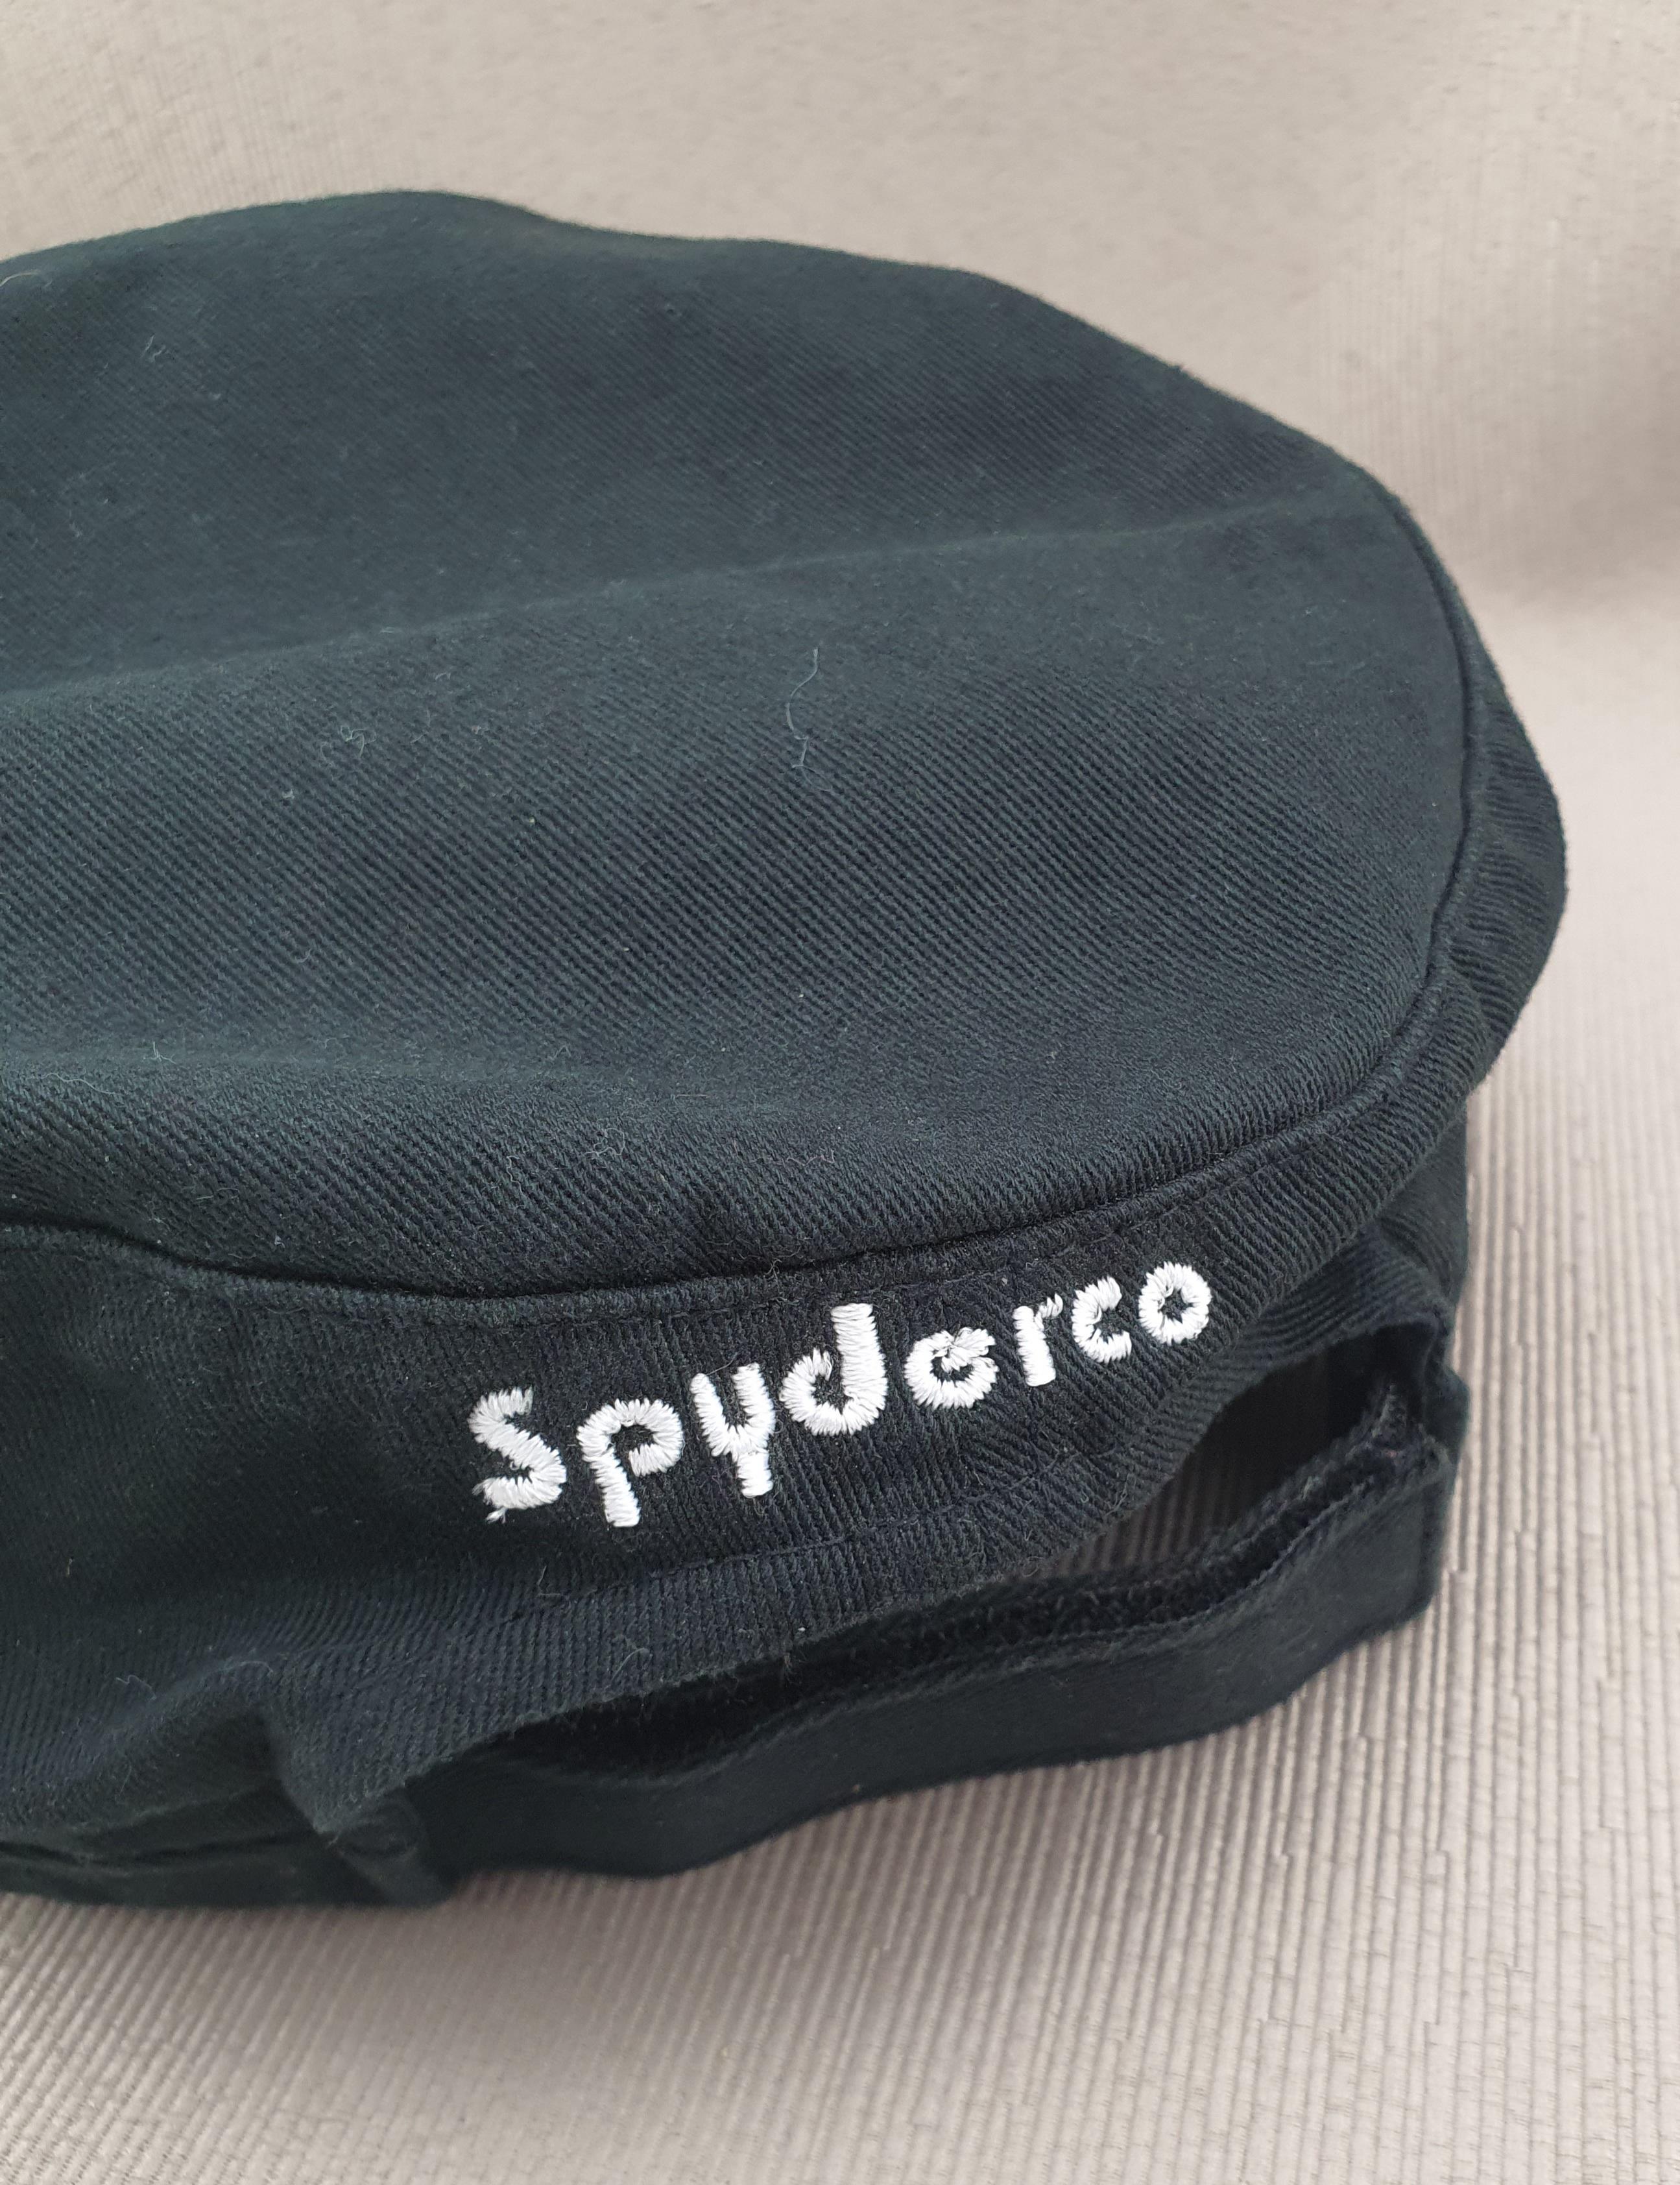 Spyderco Hat 4 back view